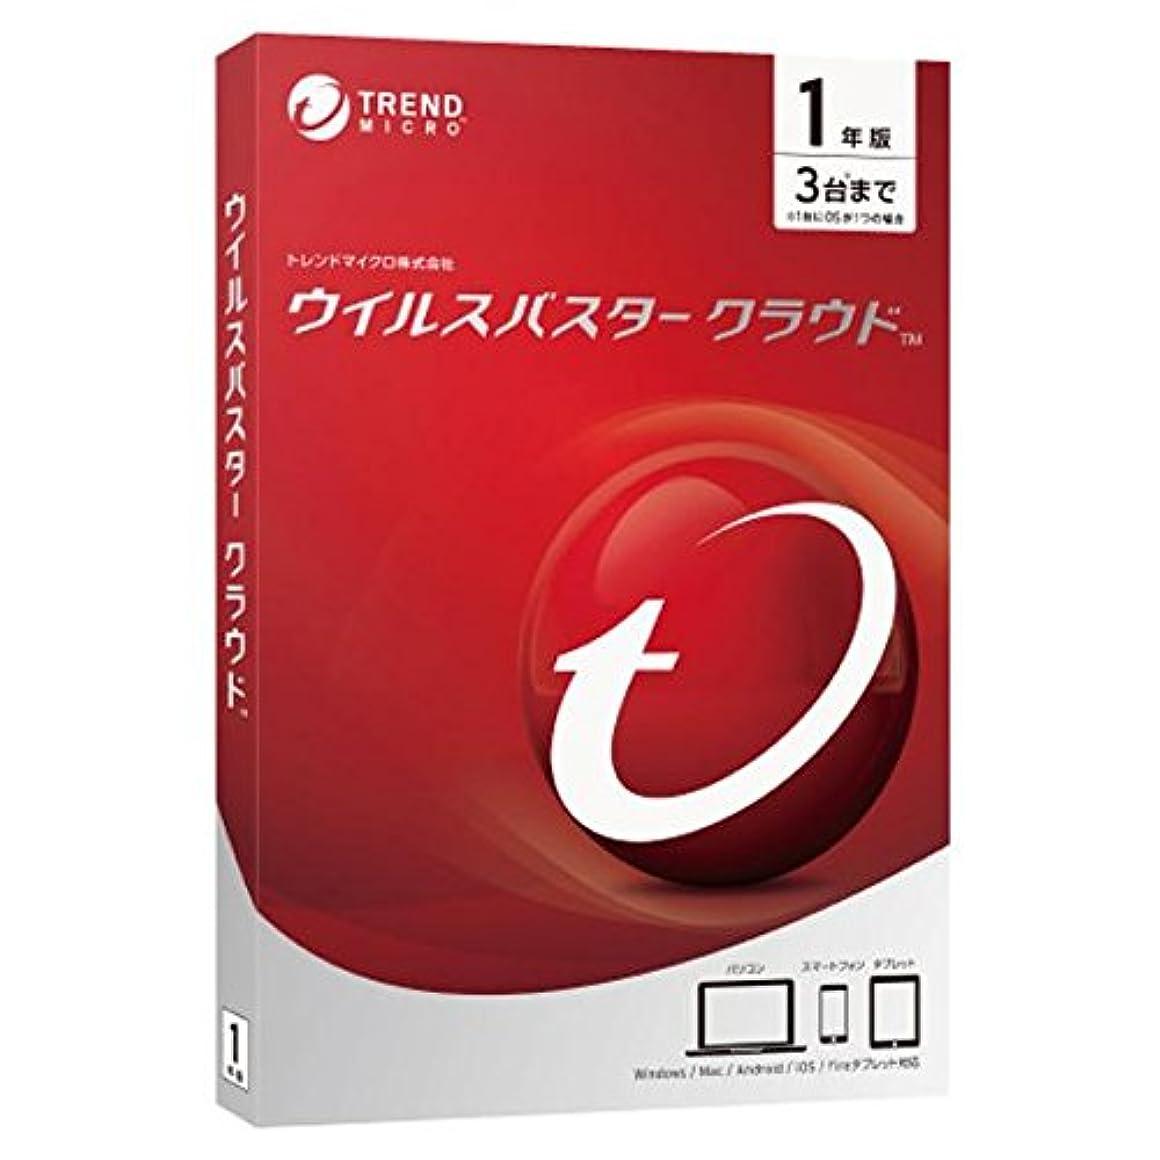 ほこりっぽい剥離テザー【旧商品】ウイルスバスター クラウド | 1年 3台版 | Win/Mac/iOS/Android対応